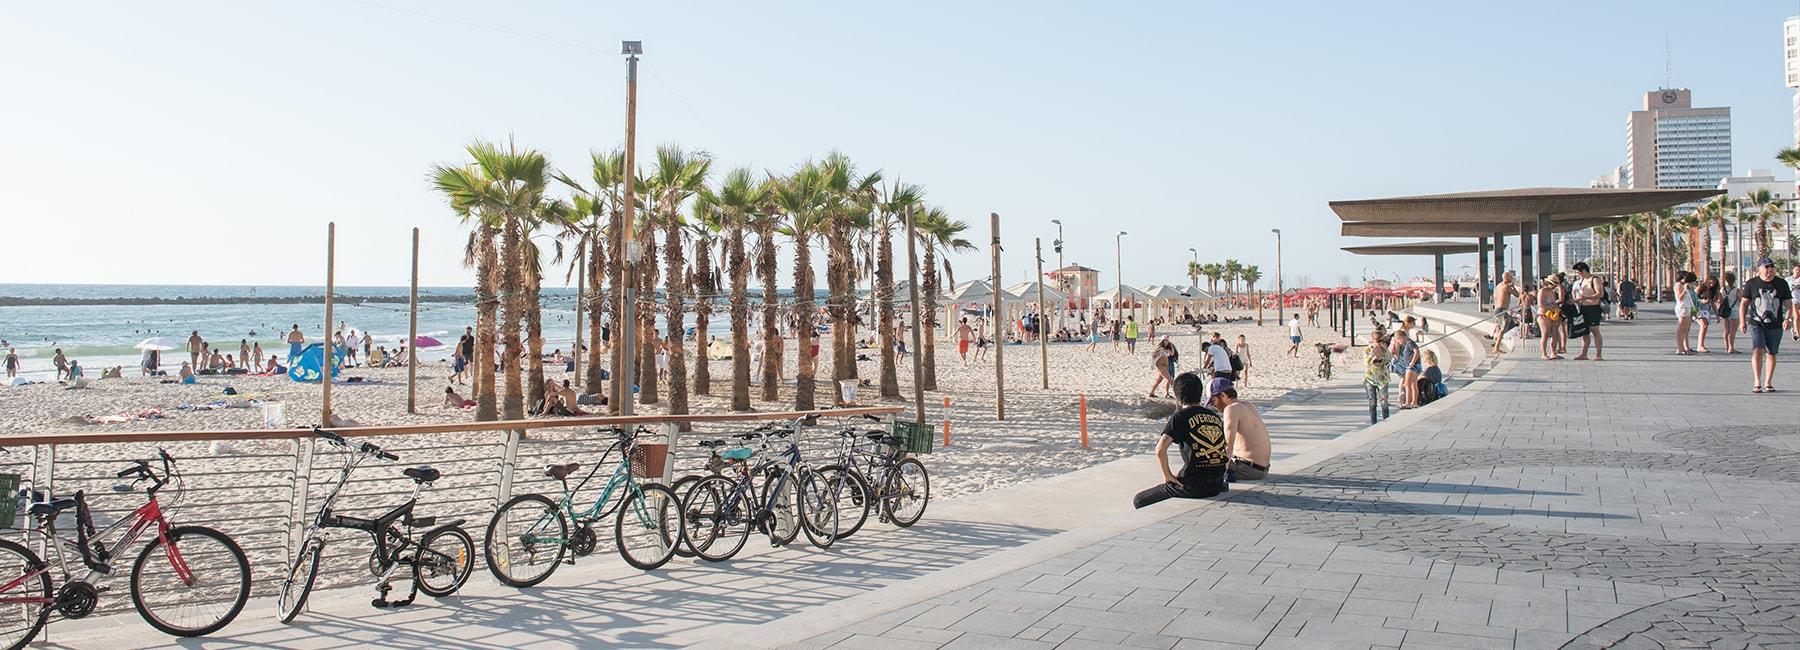 מלון בוטיק תל אביב מול הים